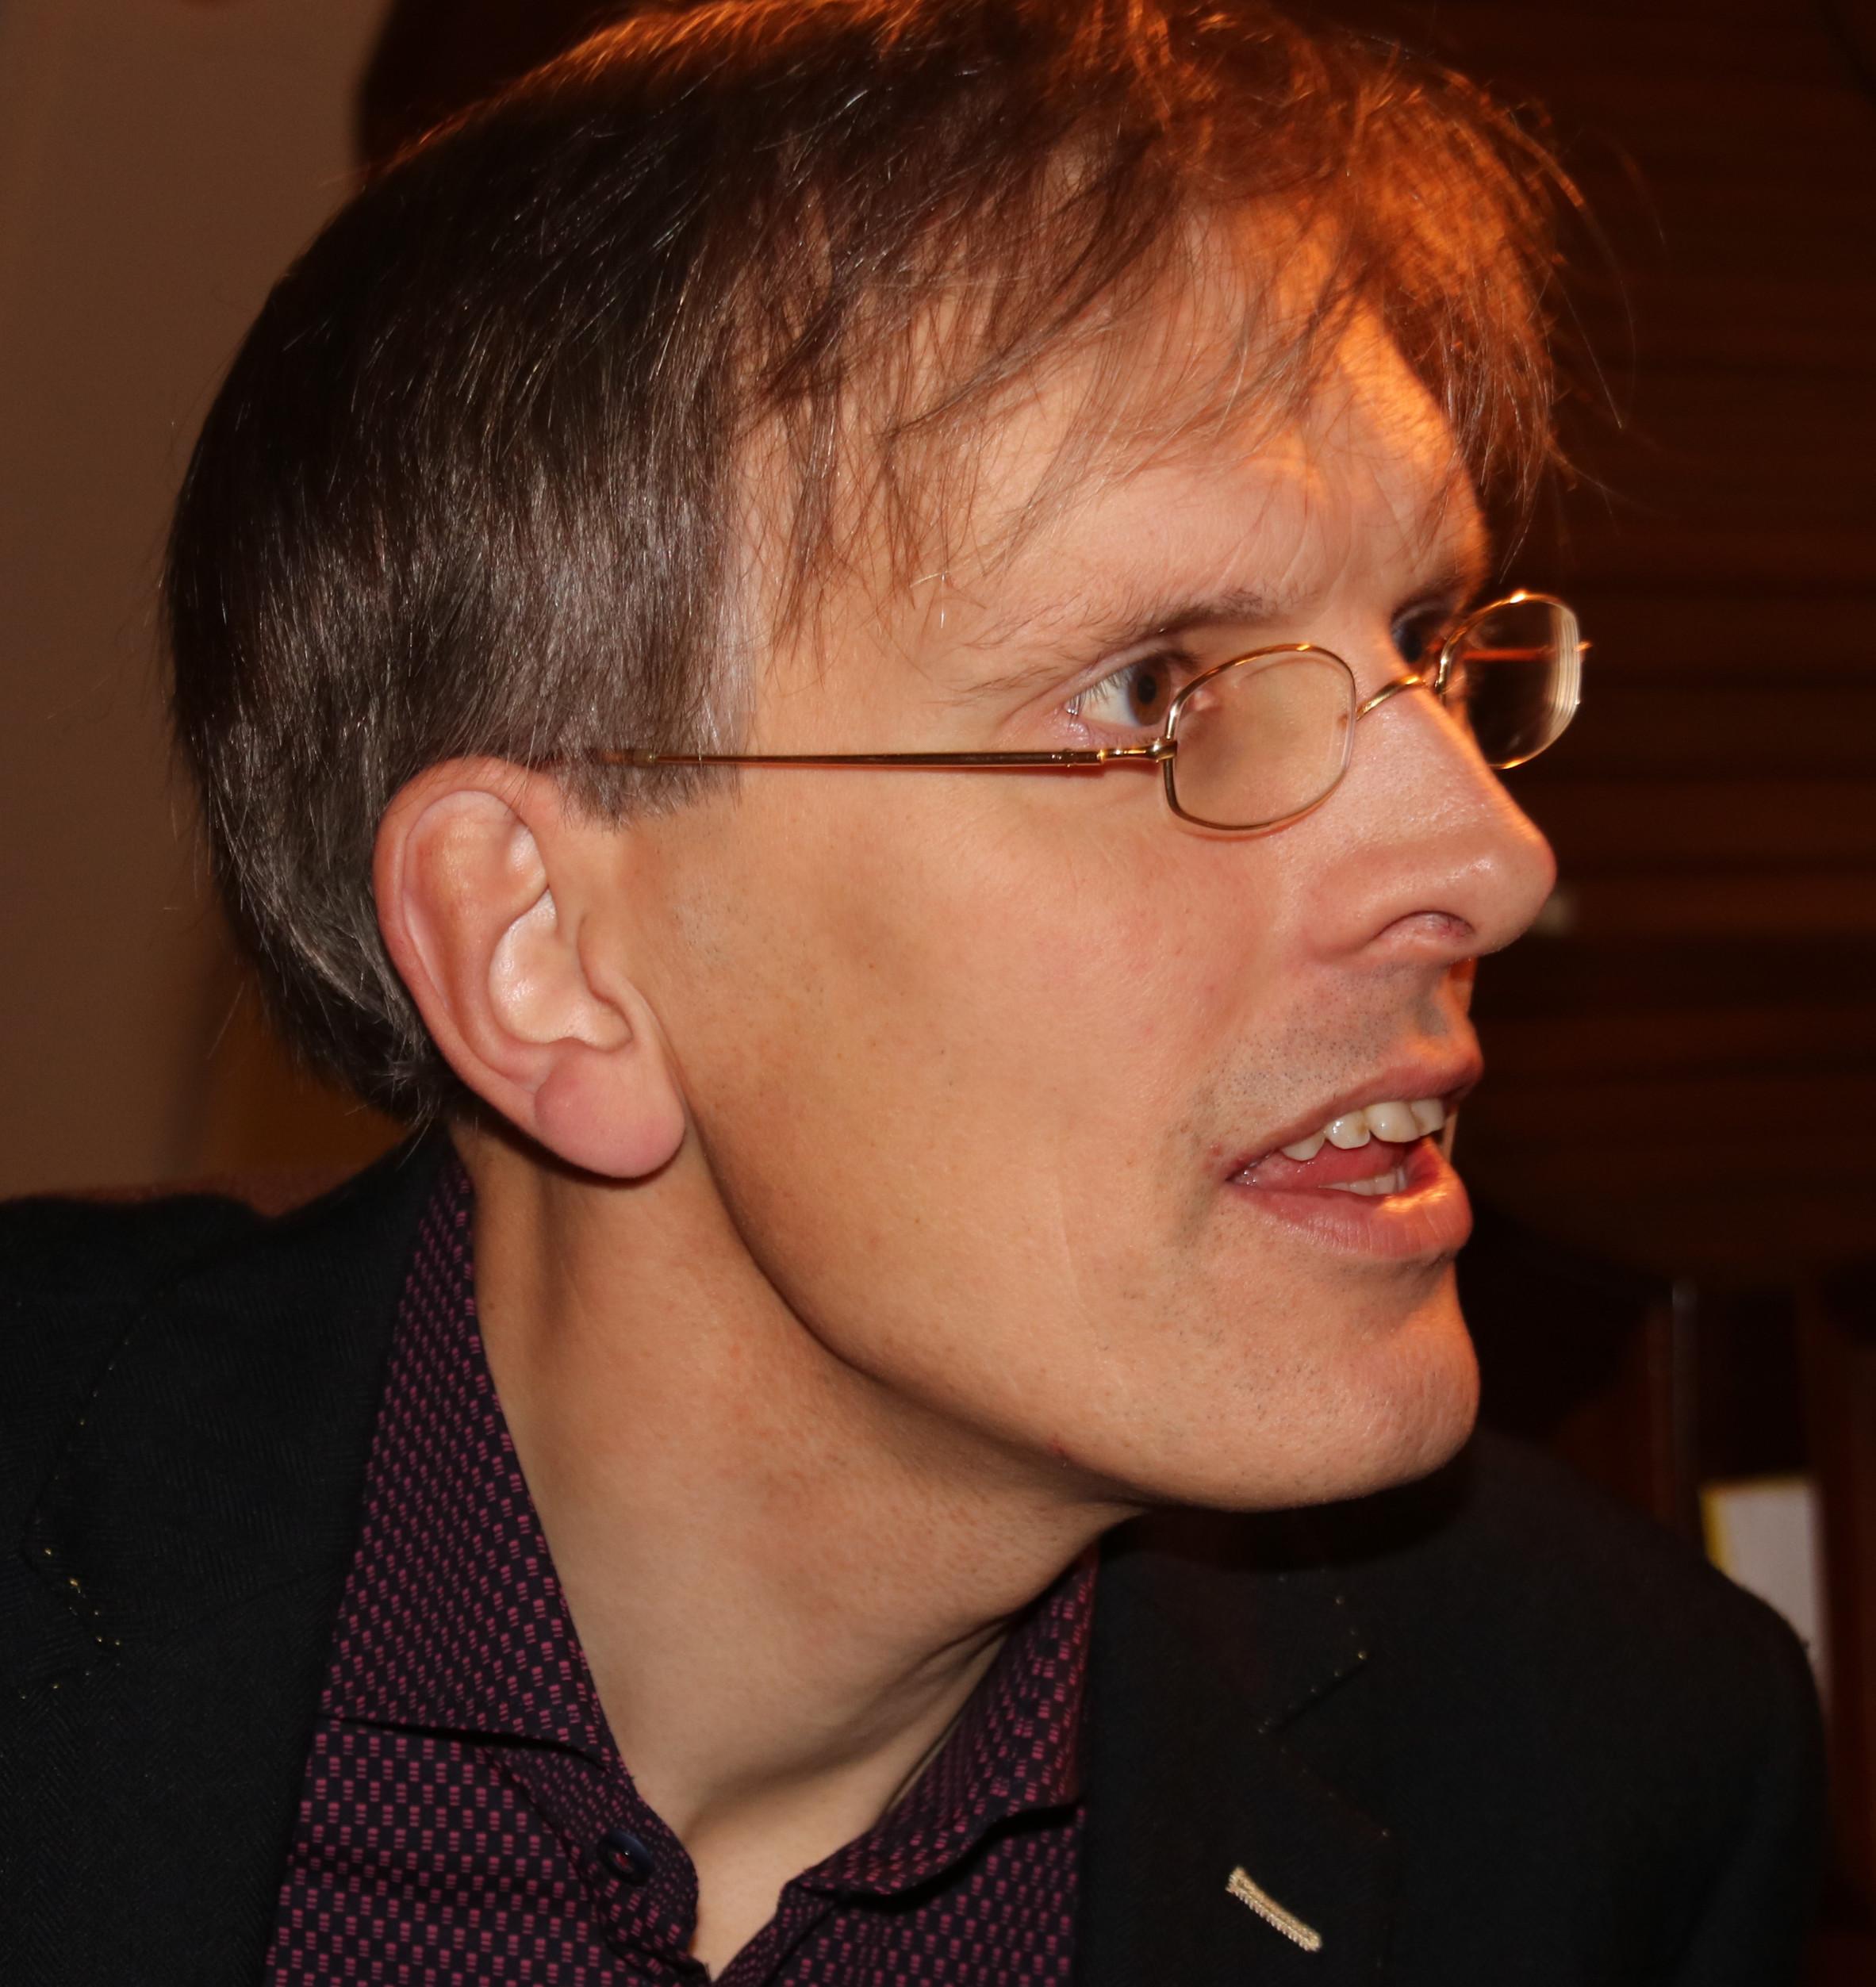 Udo Doedens